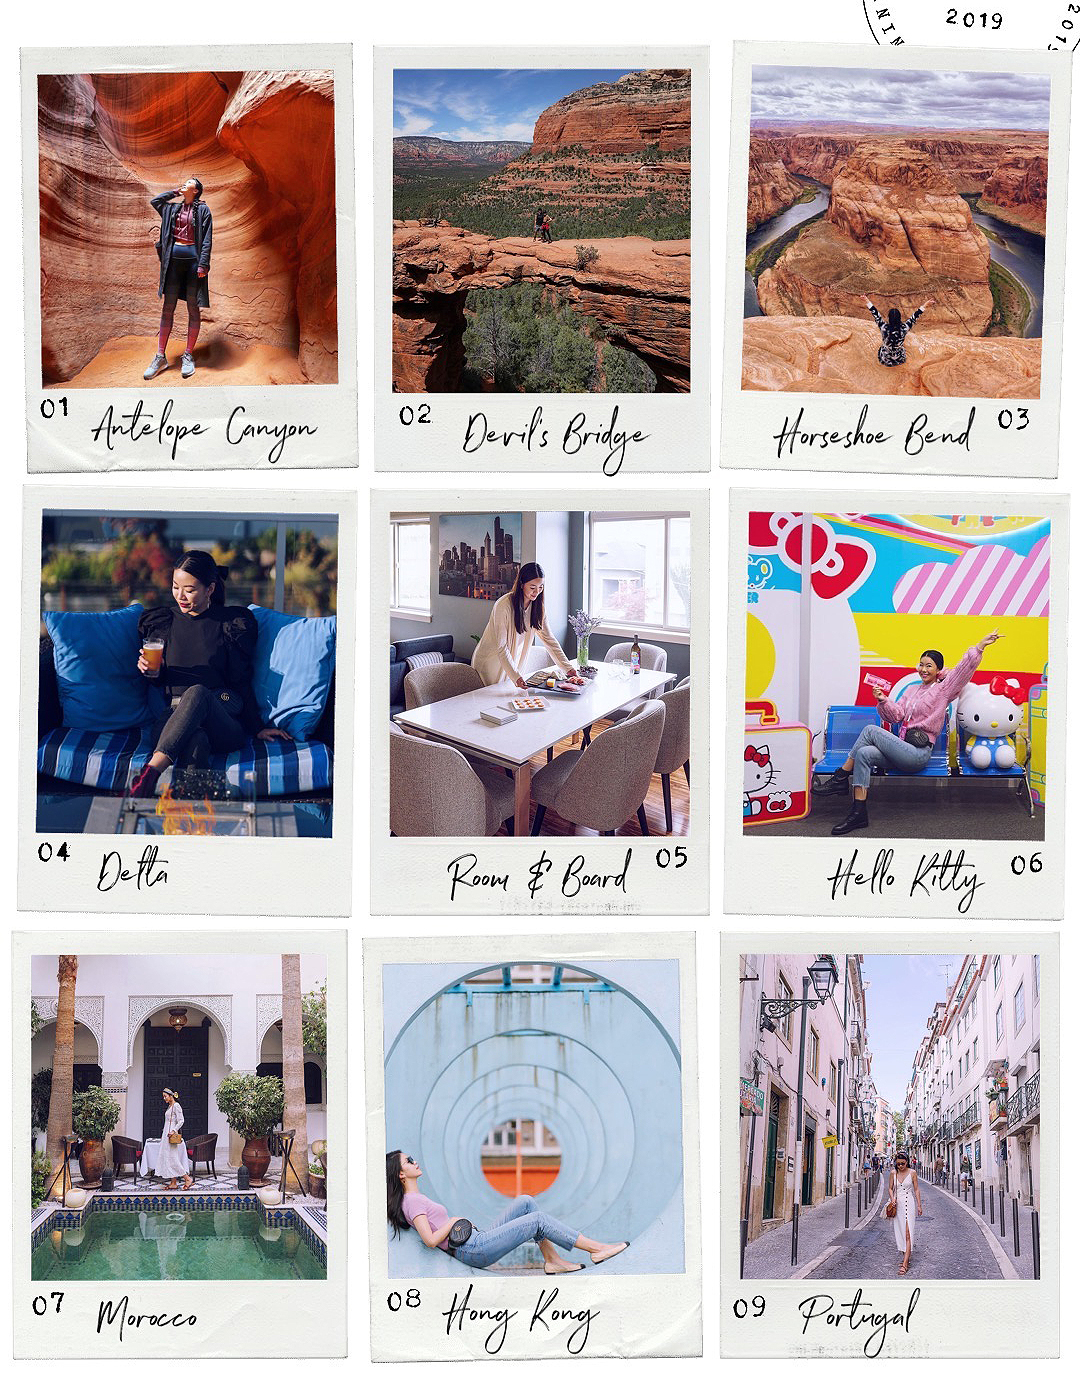 2019 best nine Instagram